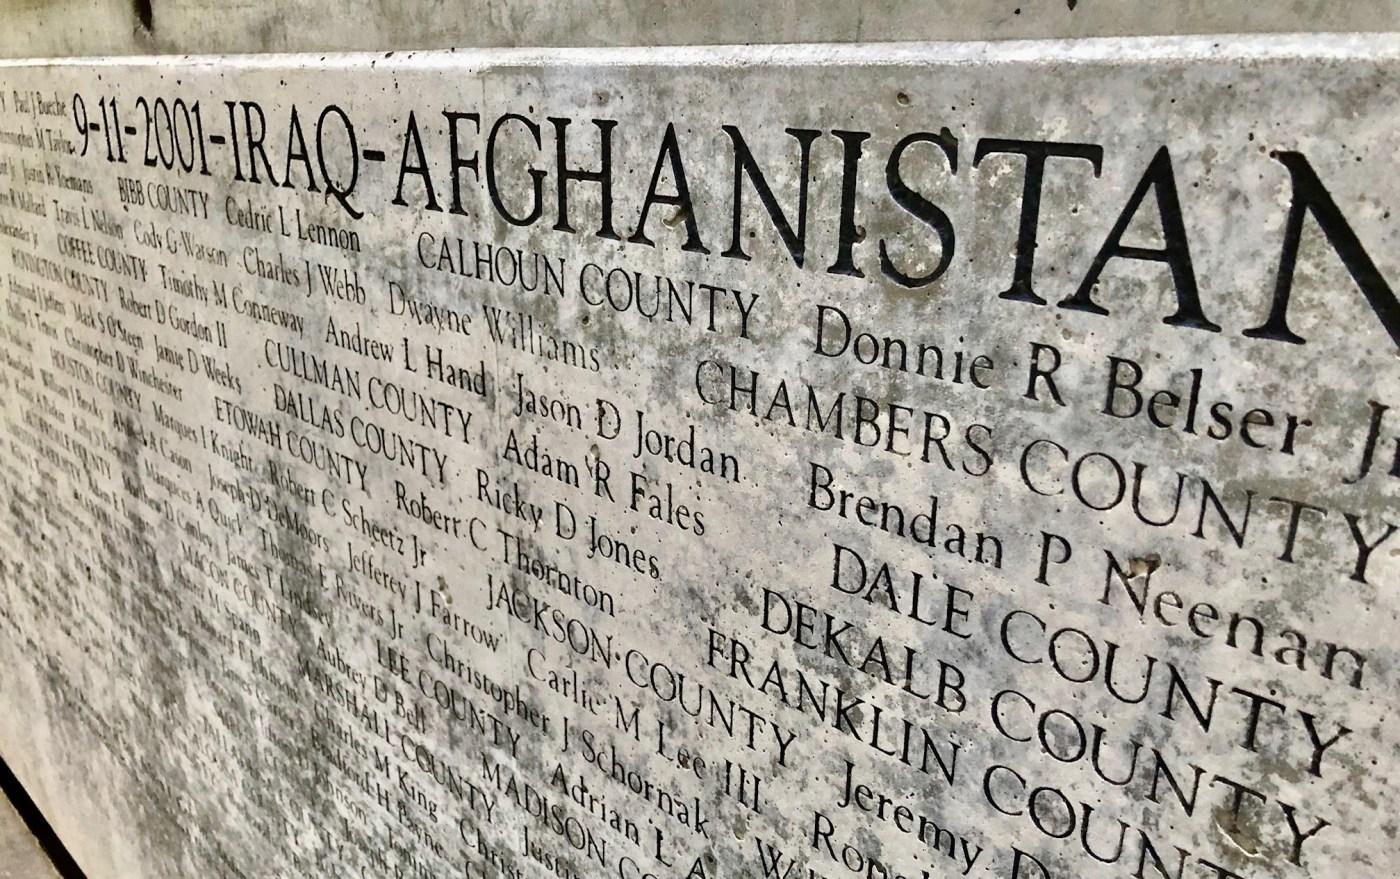 memorial of Alabama veterans